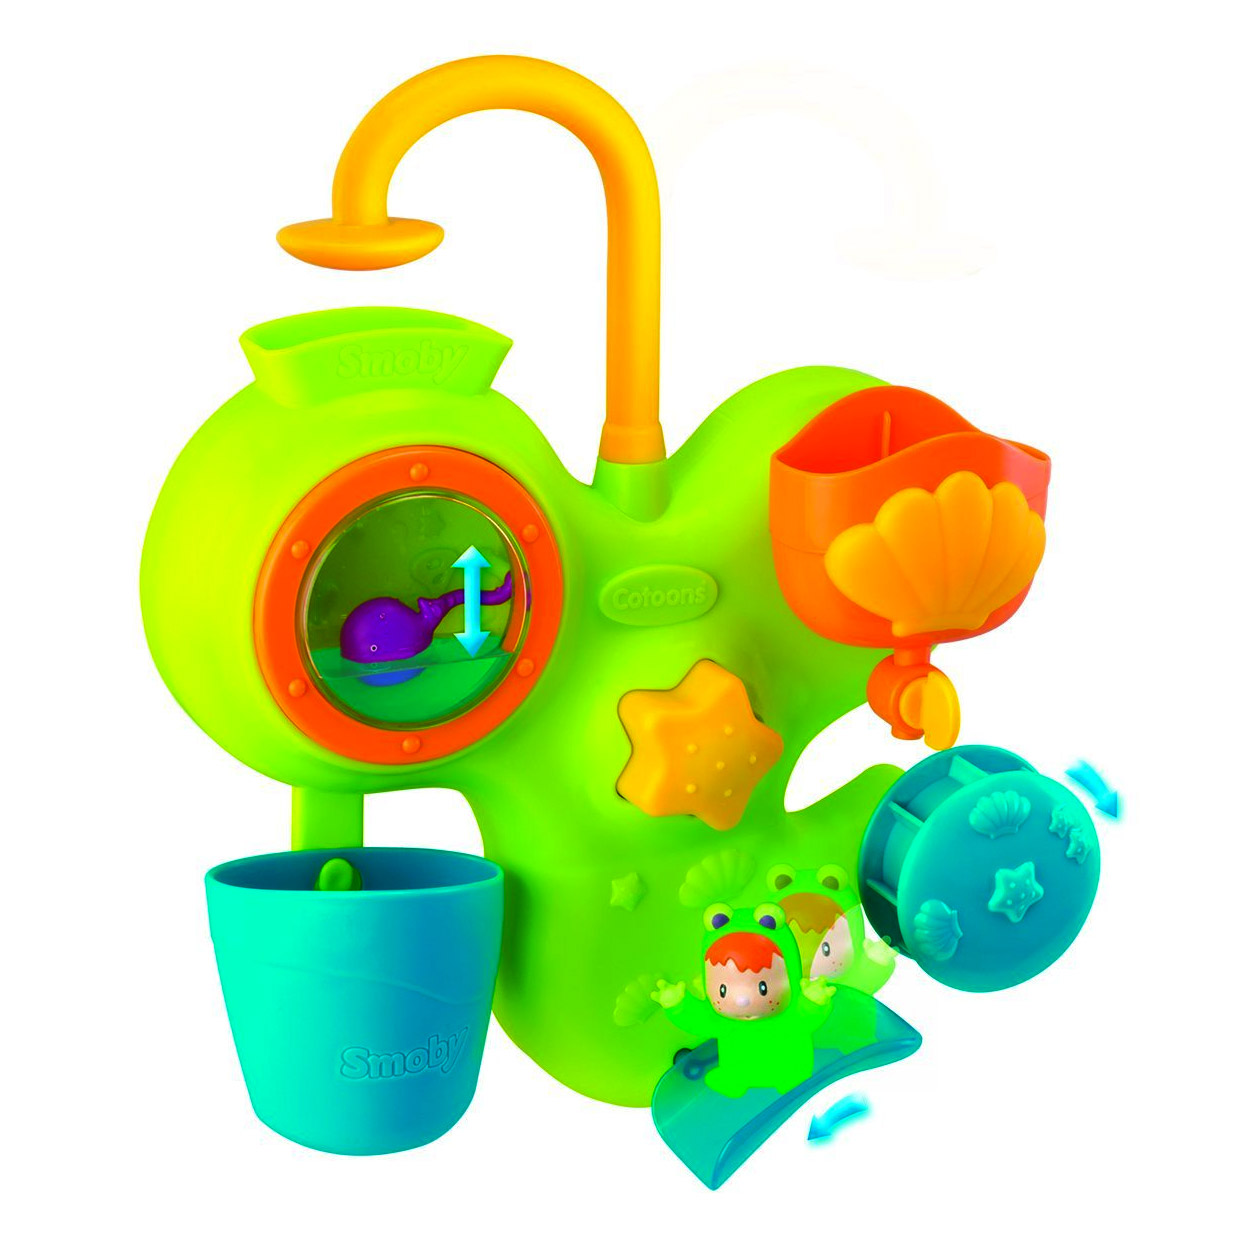 Jouet pour le bain : Aquafun Cotoons